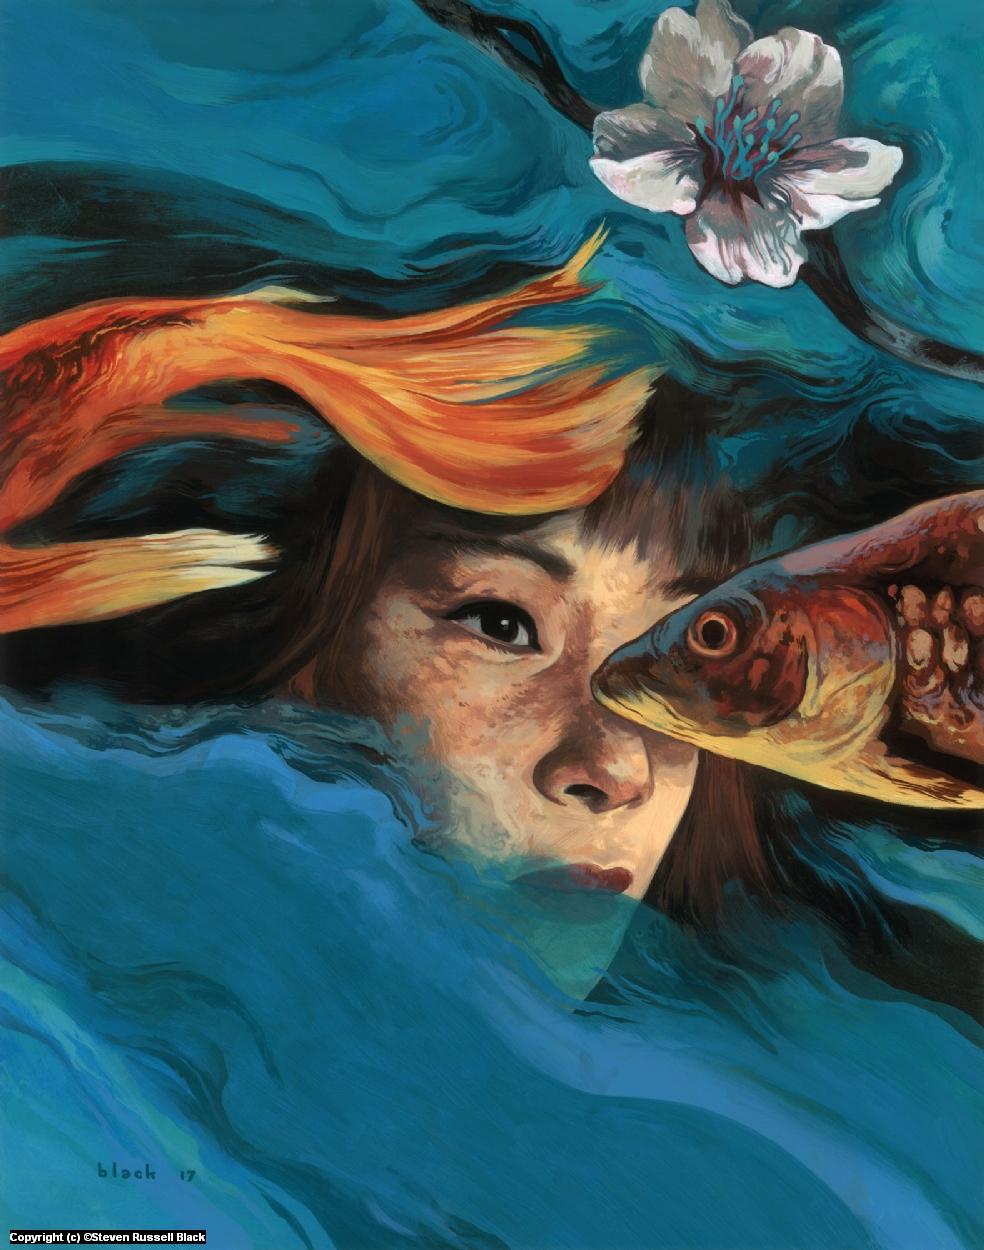 Week 2 of 52 /  Milieu Liu  Artwork by Steven Black